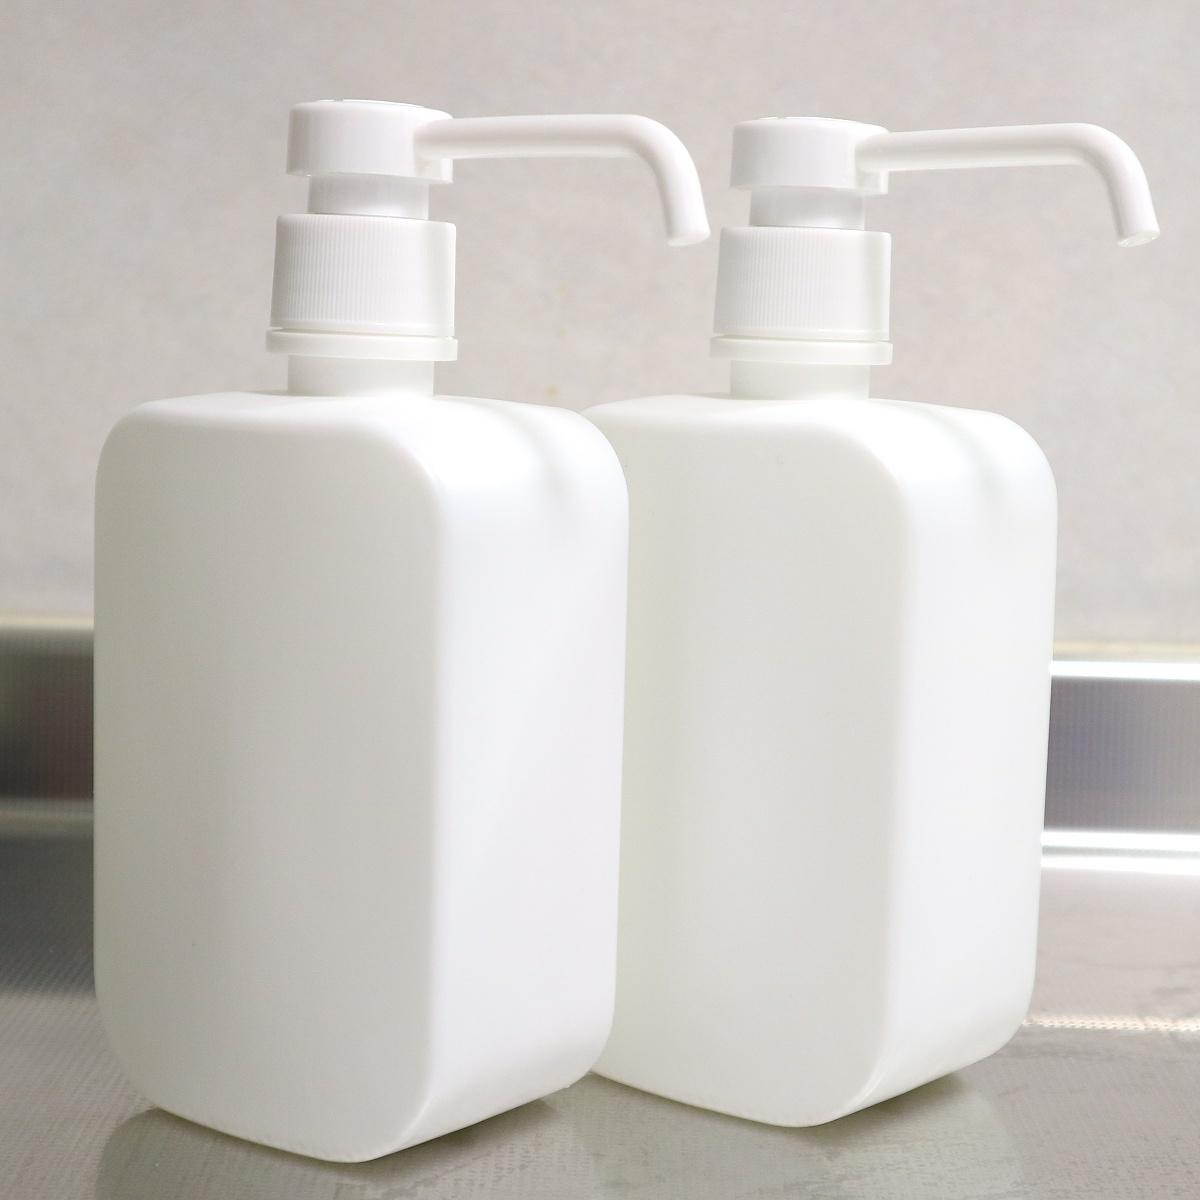 ■■送料無料■■アルコールディスペンサー500ml 2個セット■消毒用スプレーボトル/次亜塩素酸アルコール除菌対応